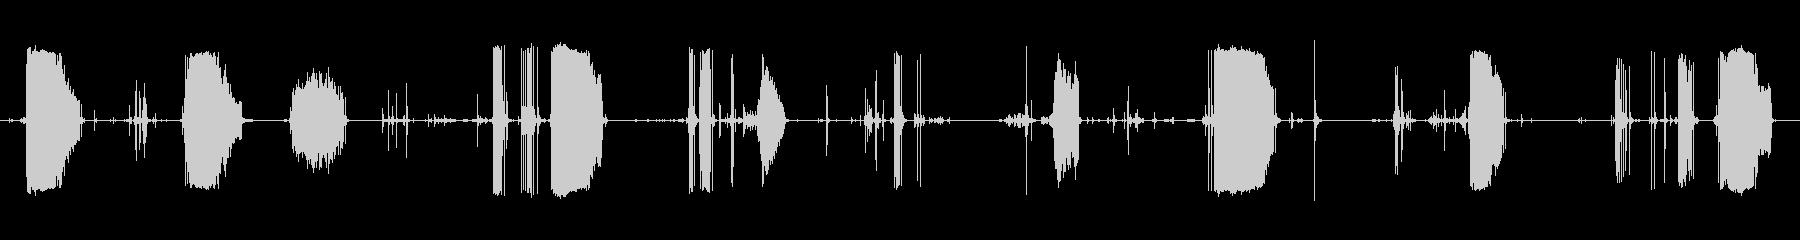 釣り竿ラインフィードの未再生の波形